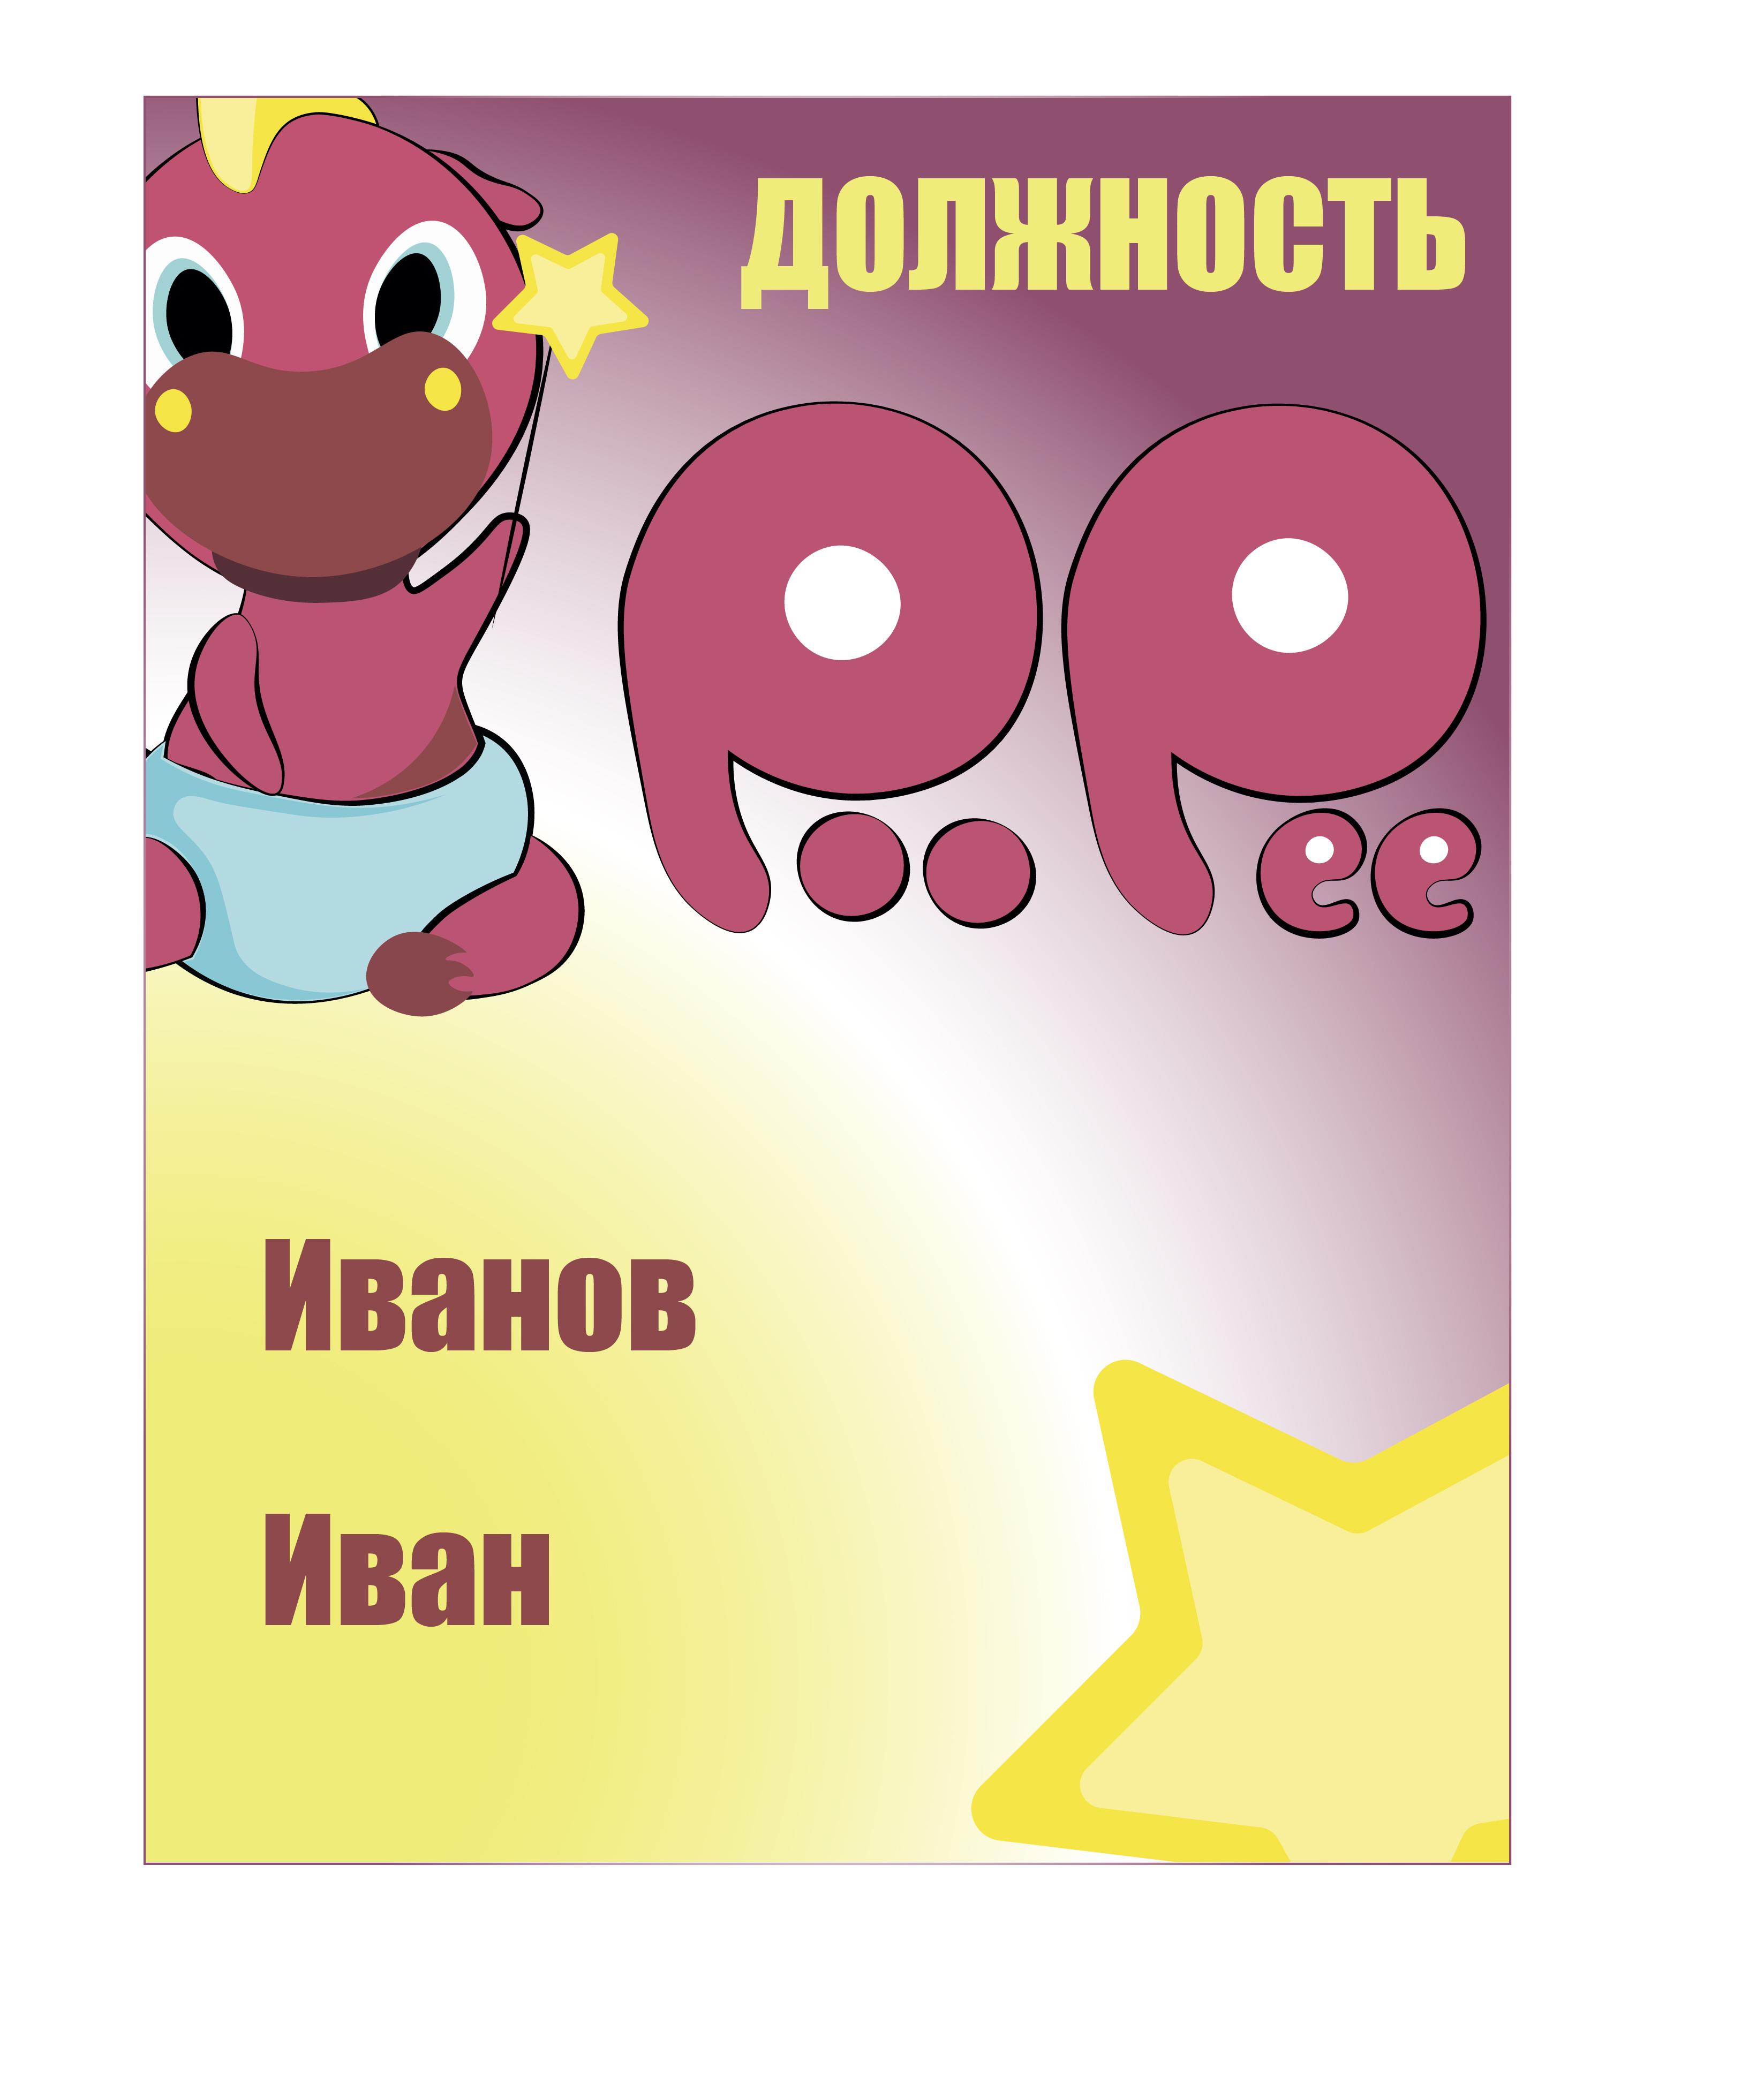 Разработка элементов фирменного стиля, логотипа и гайдлайна  фото f_6815b0058d6a1fb4.jpg